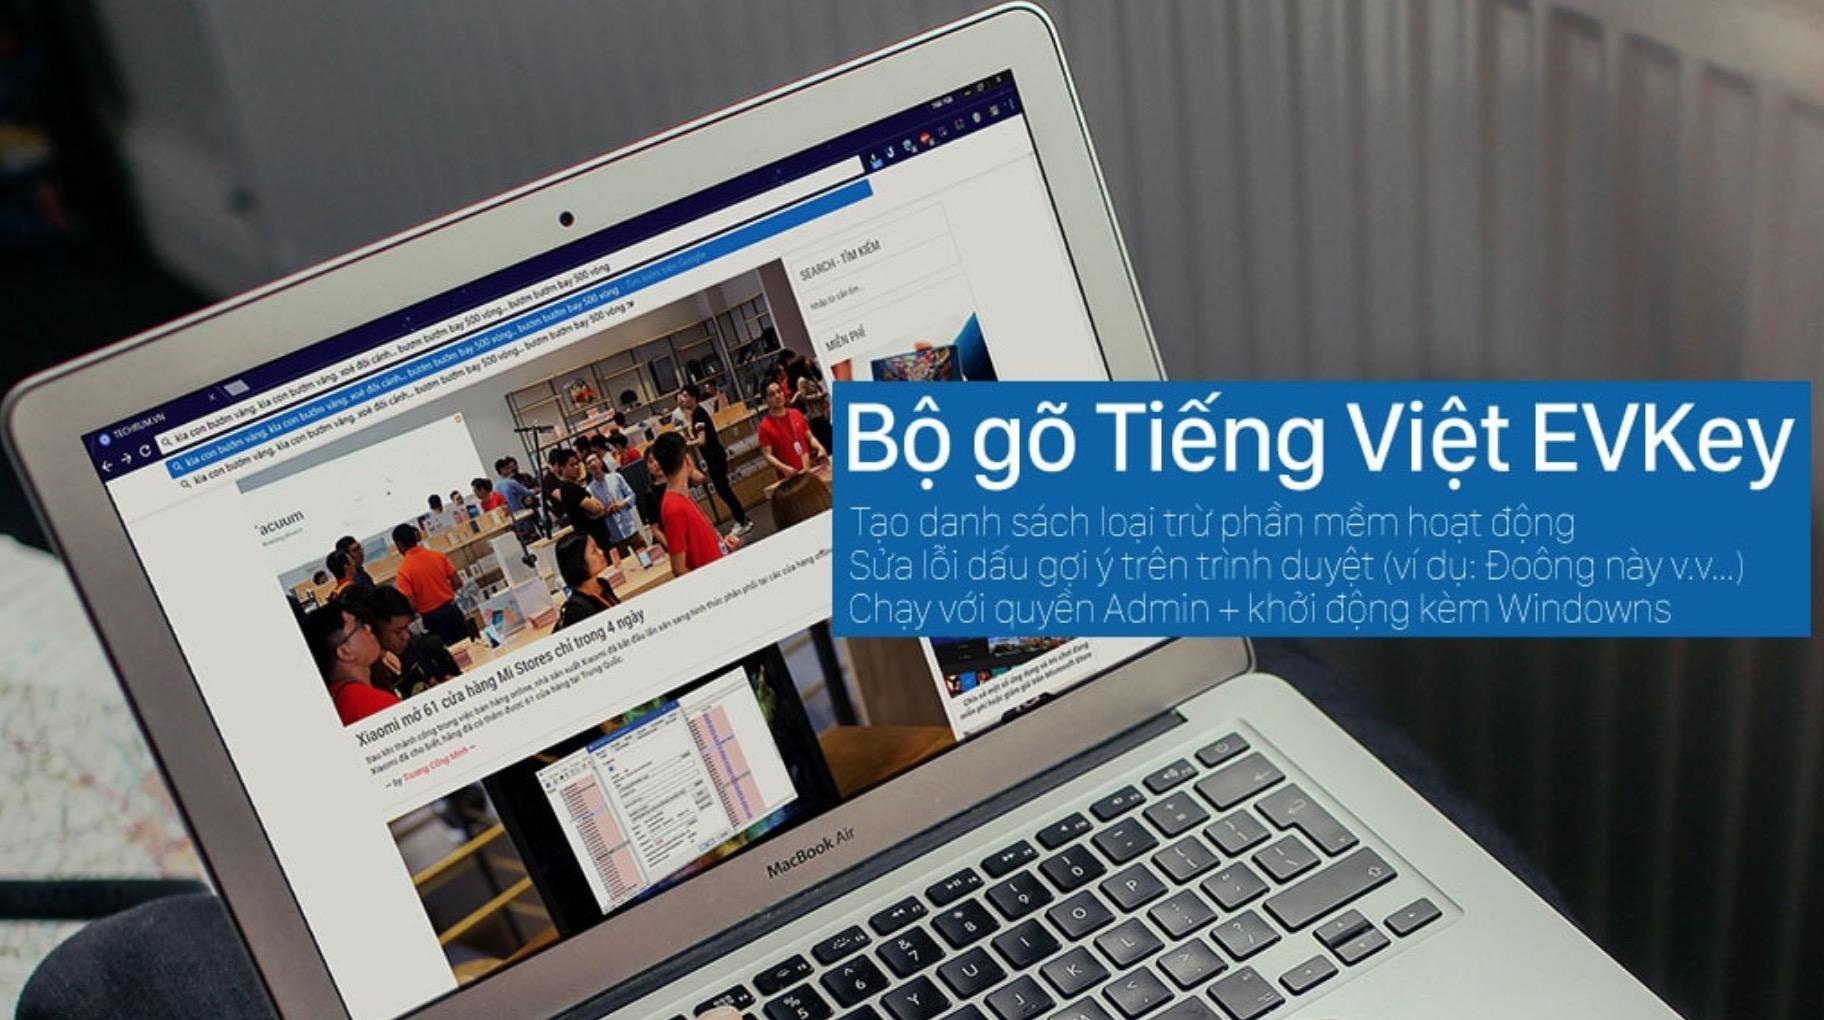 EVKey: Bộ gõ Tiếng Việt giúp khắc phục lỗi dấu của gợi ý trên Trình duyệt, Excel v.v...